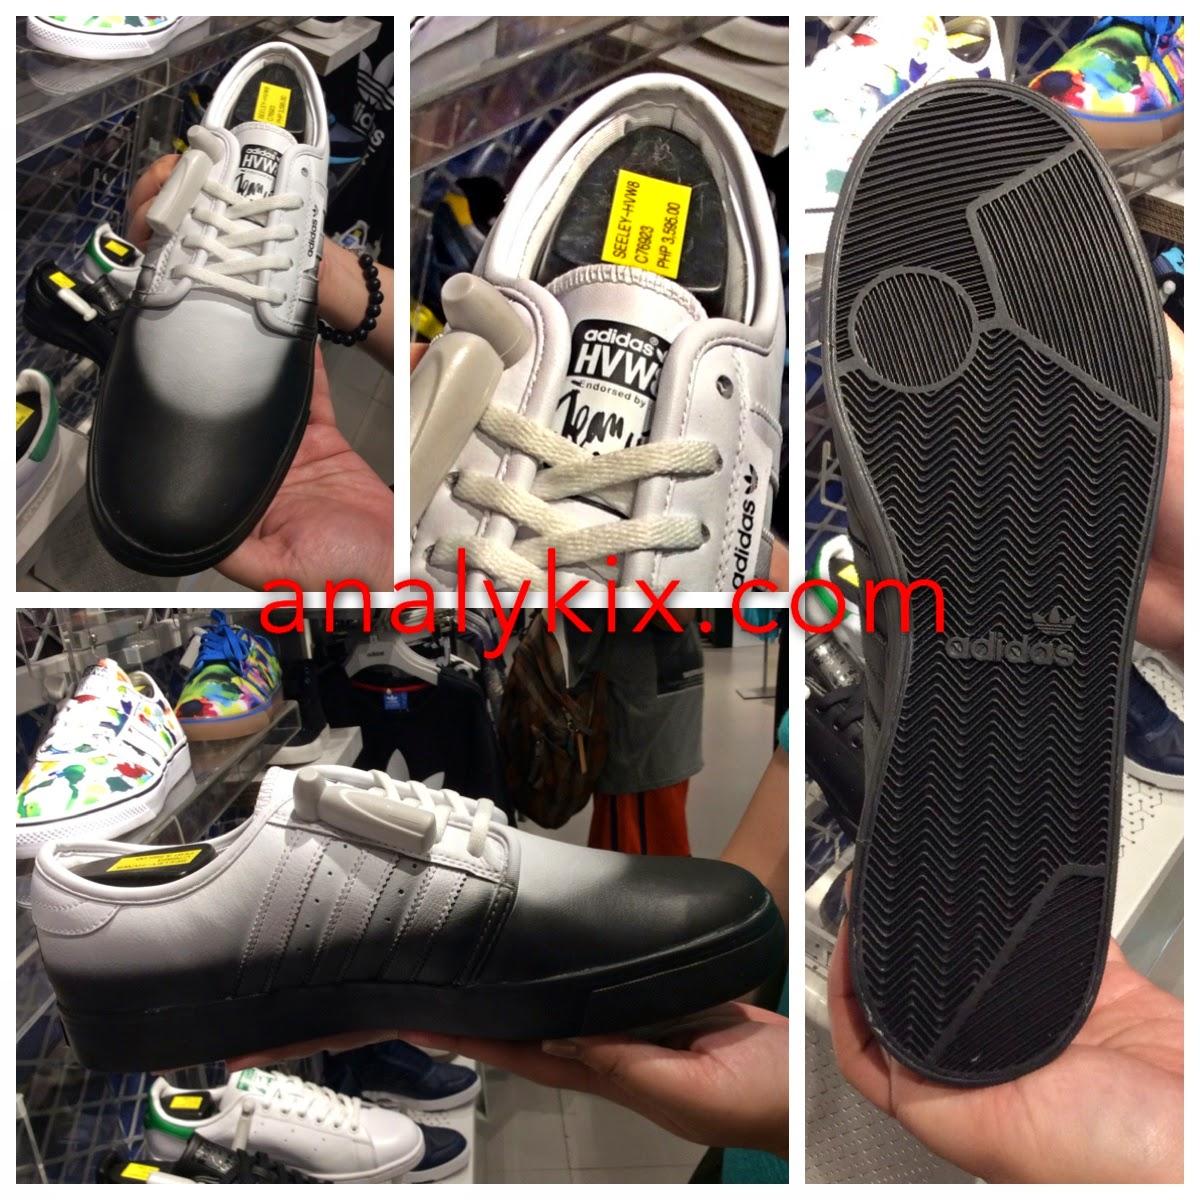 meet e6cc5 3b2b0 HVW8 x adidas x Kevin Lyons x Jean André now in Manila